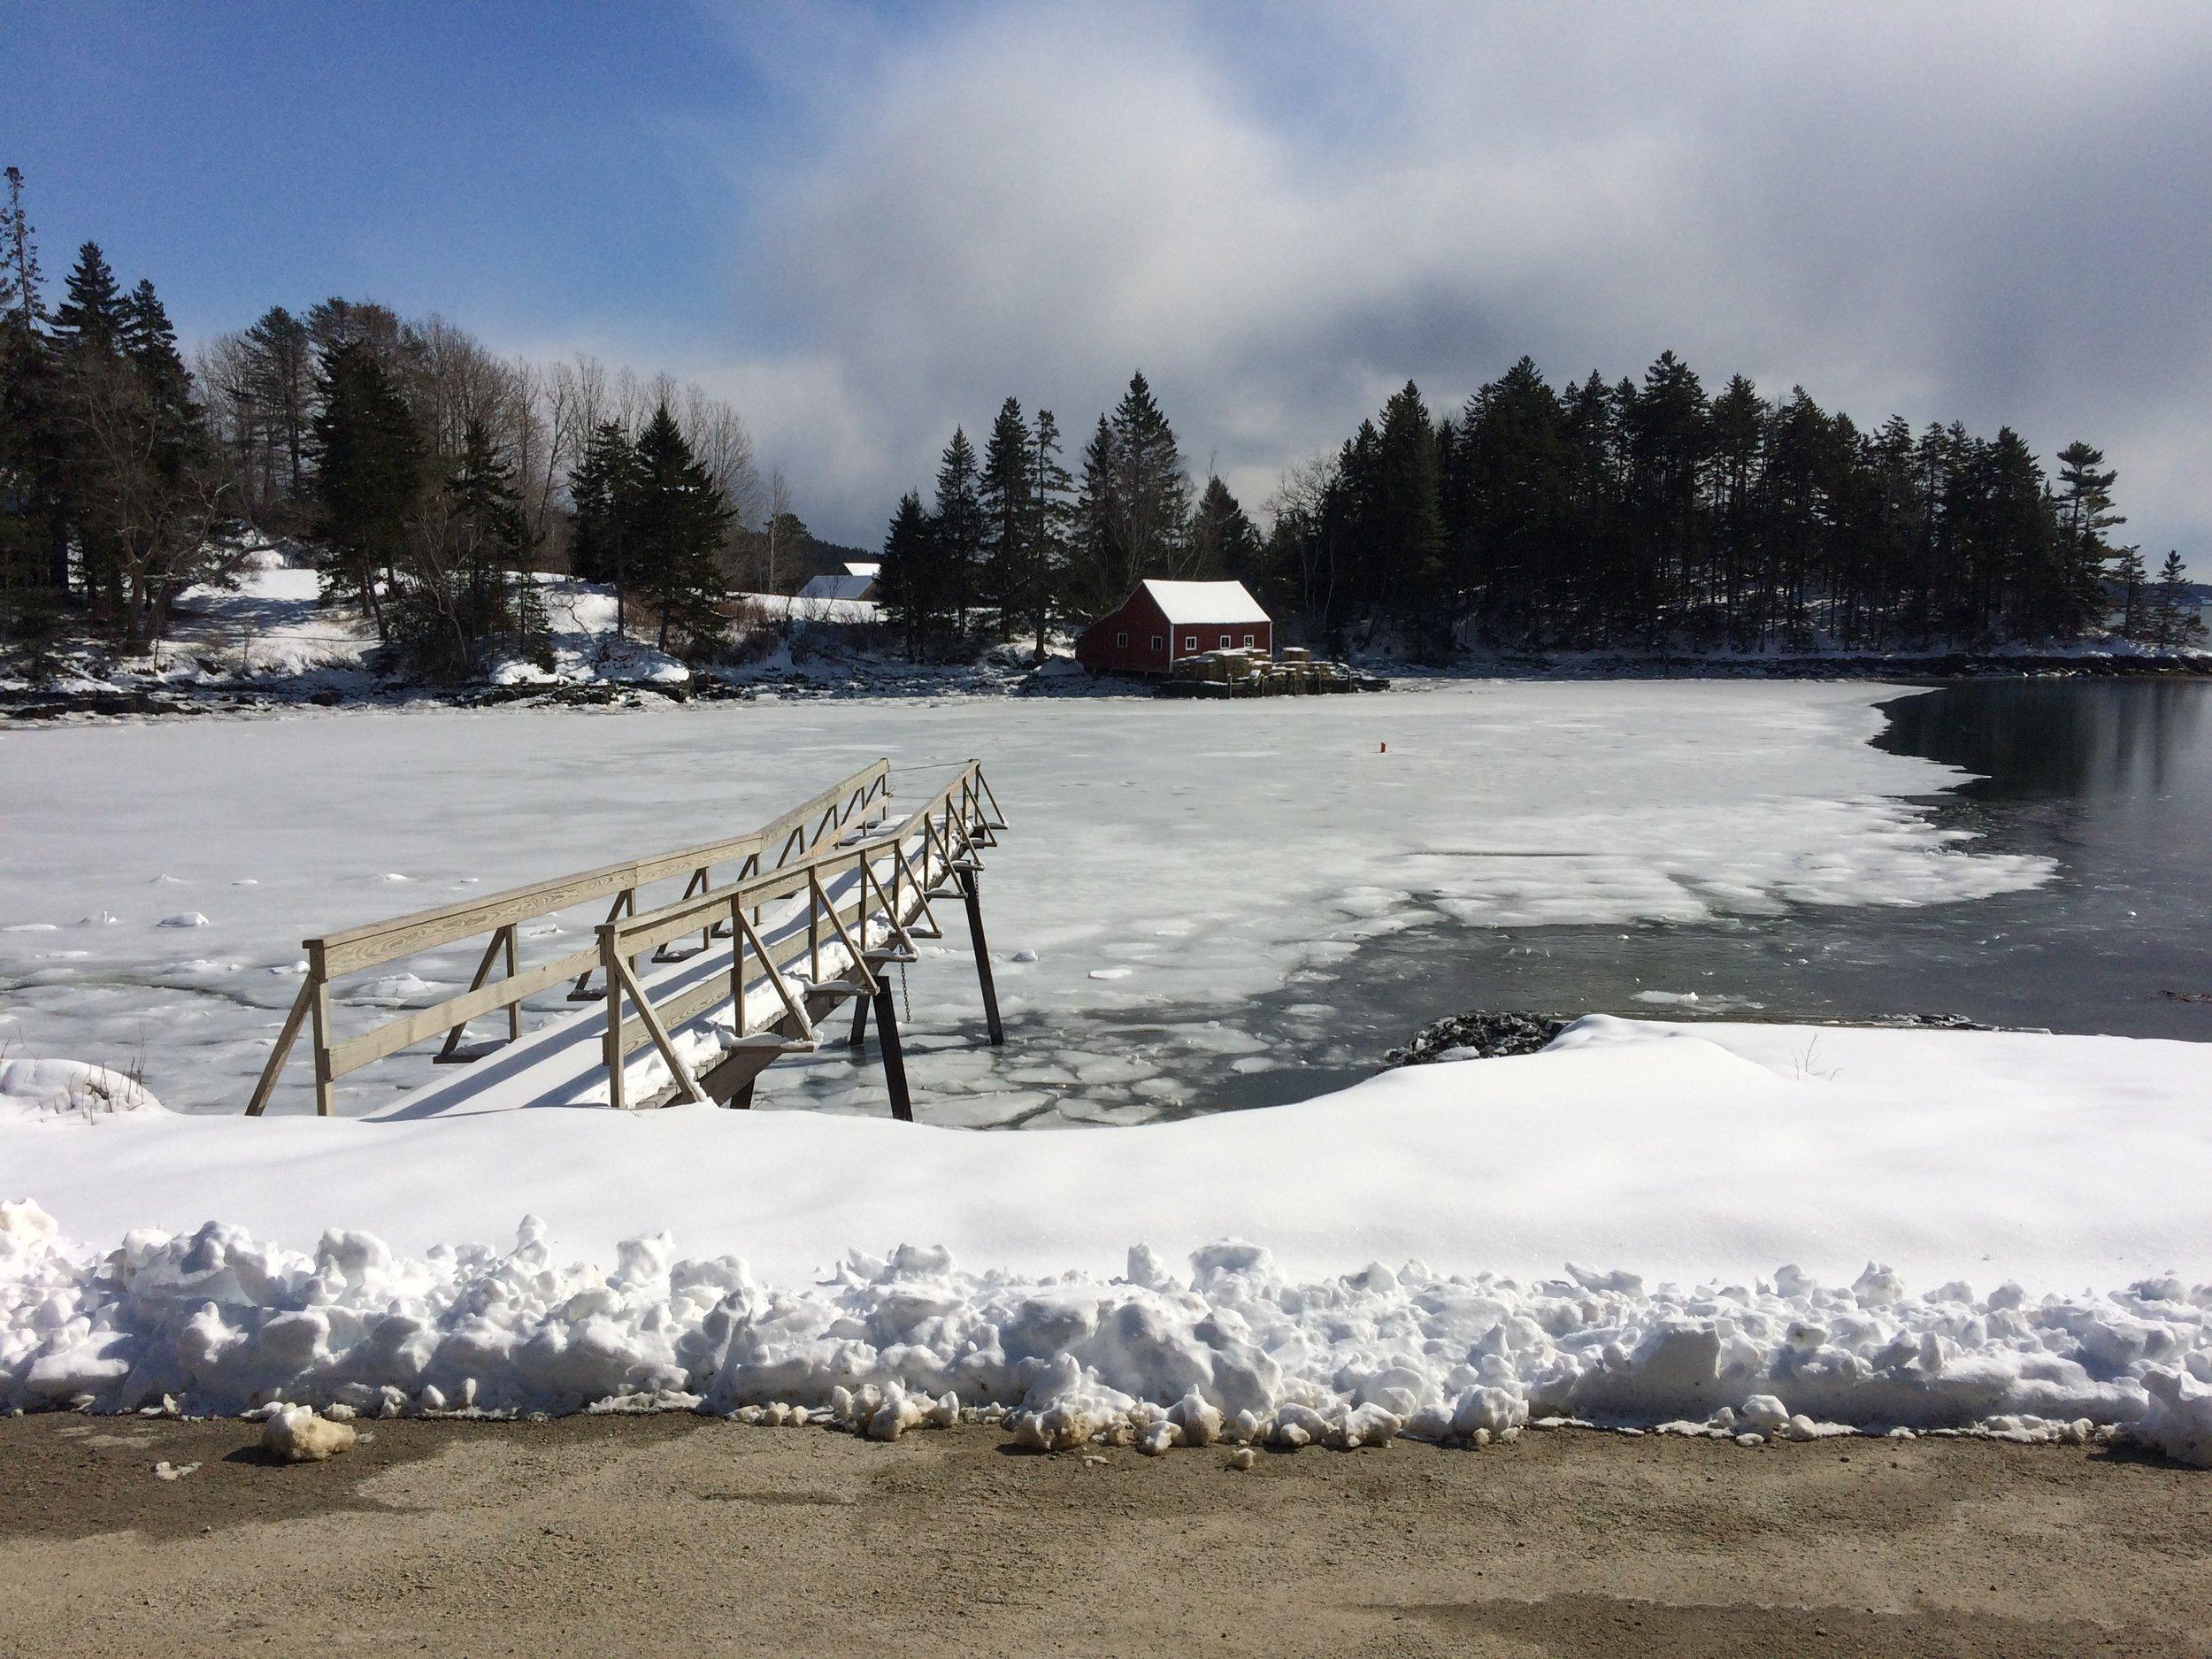 Bucks Harbor, Brooksville, Maine, March 6, 2019 Photo: Allen Kratz